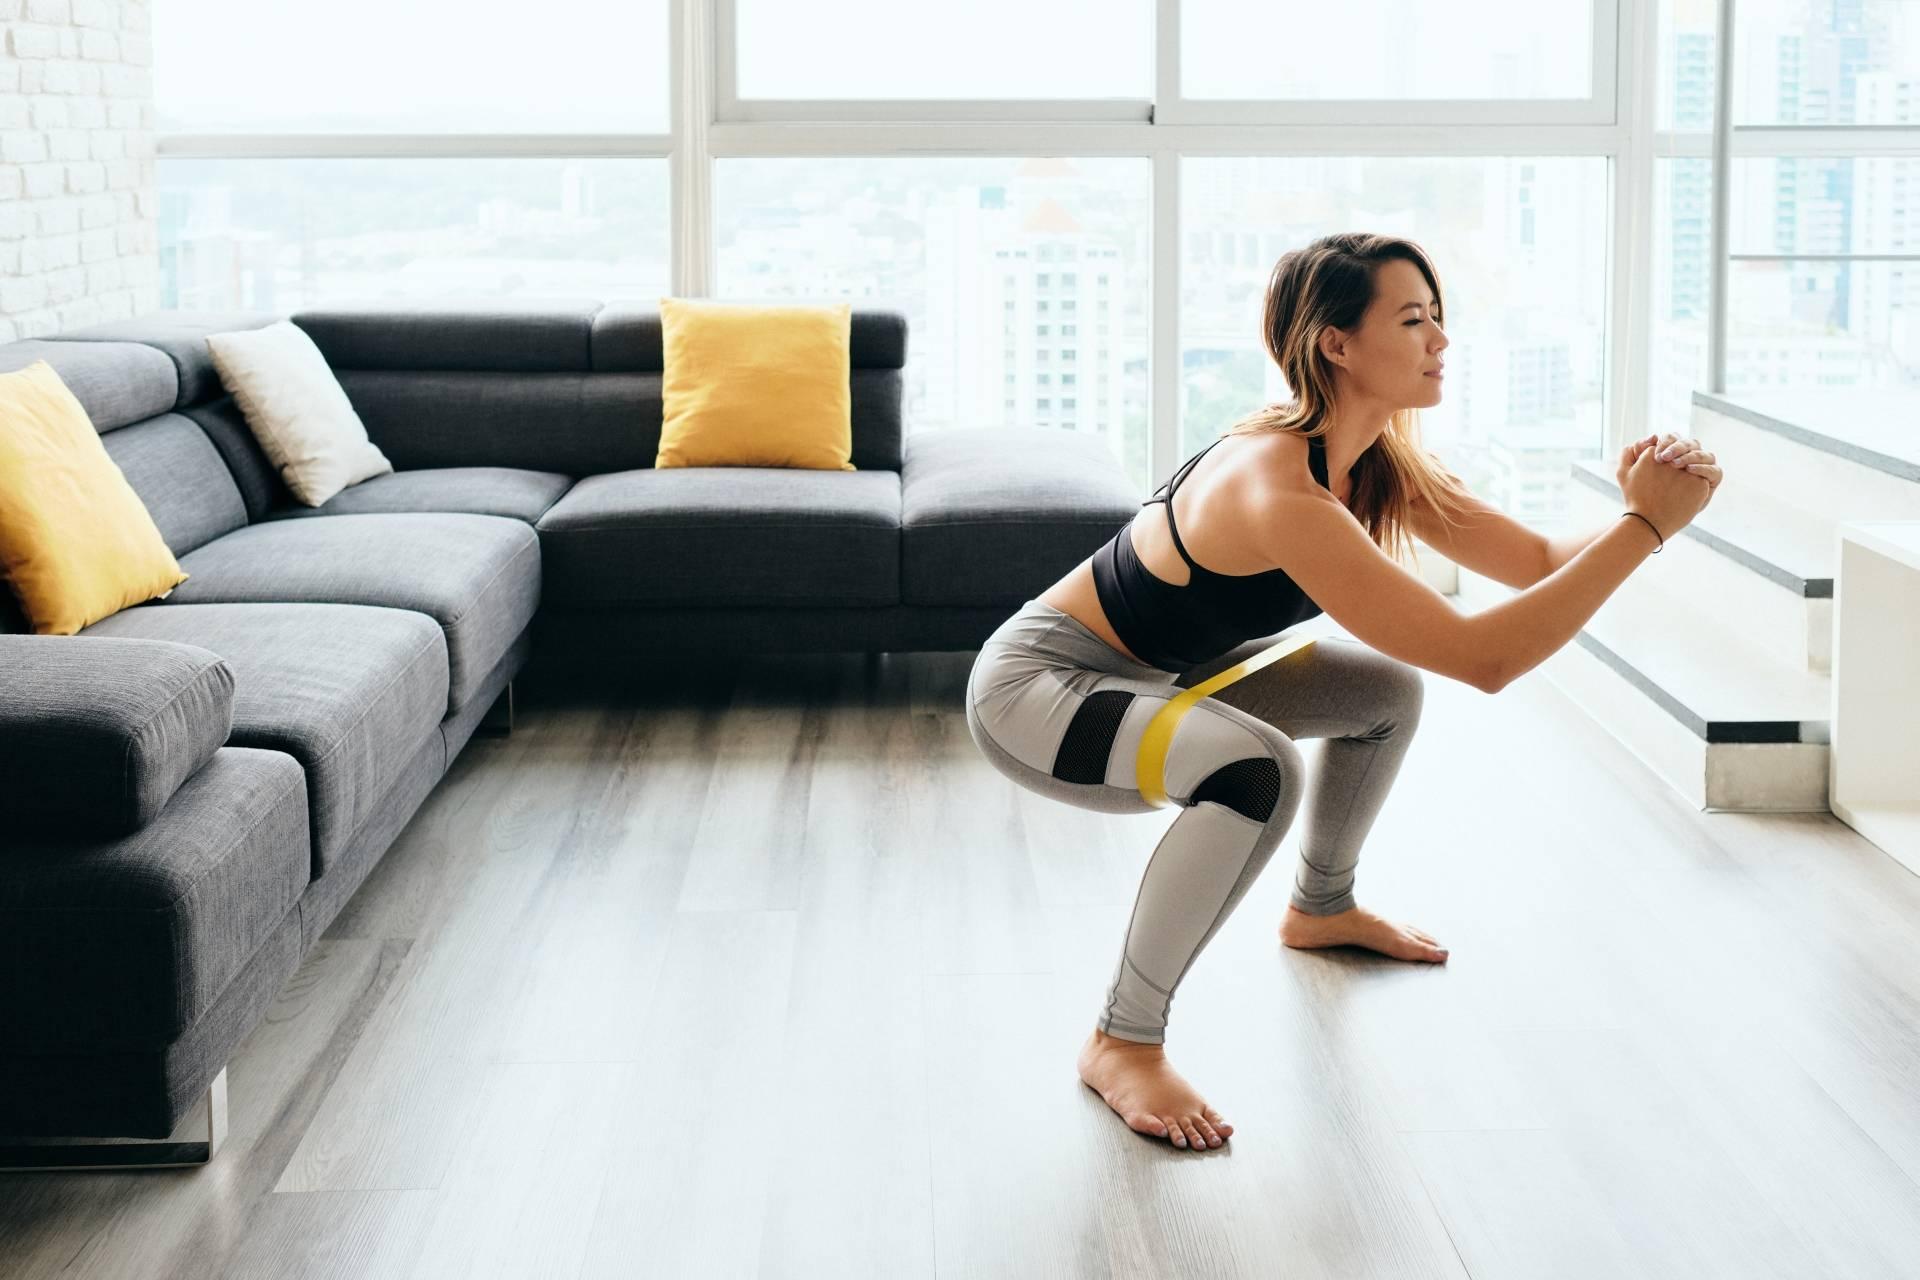 Przysiady - jak wykonać poranne ćwiczenia w domu?